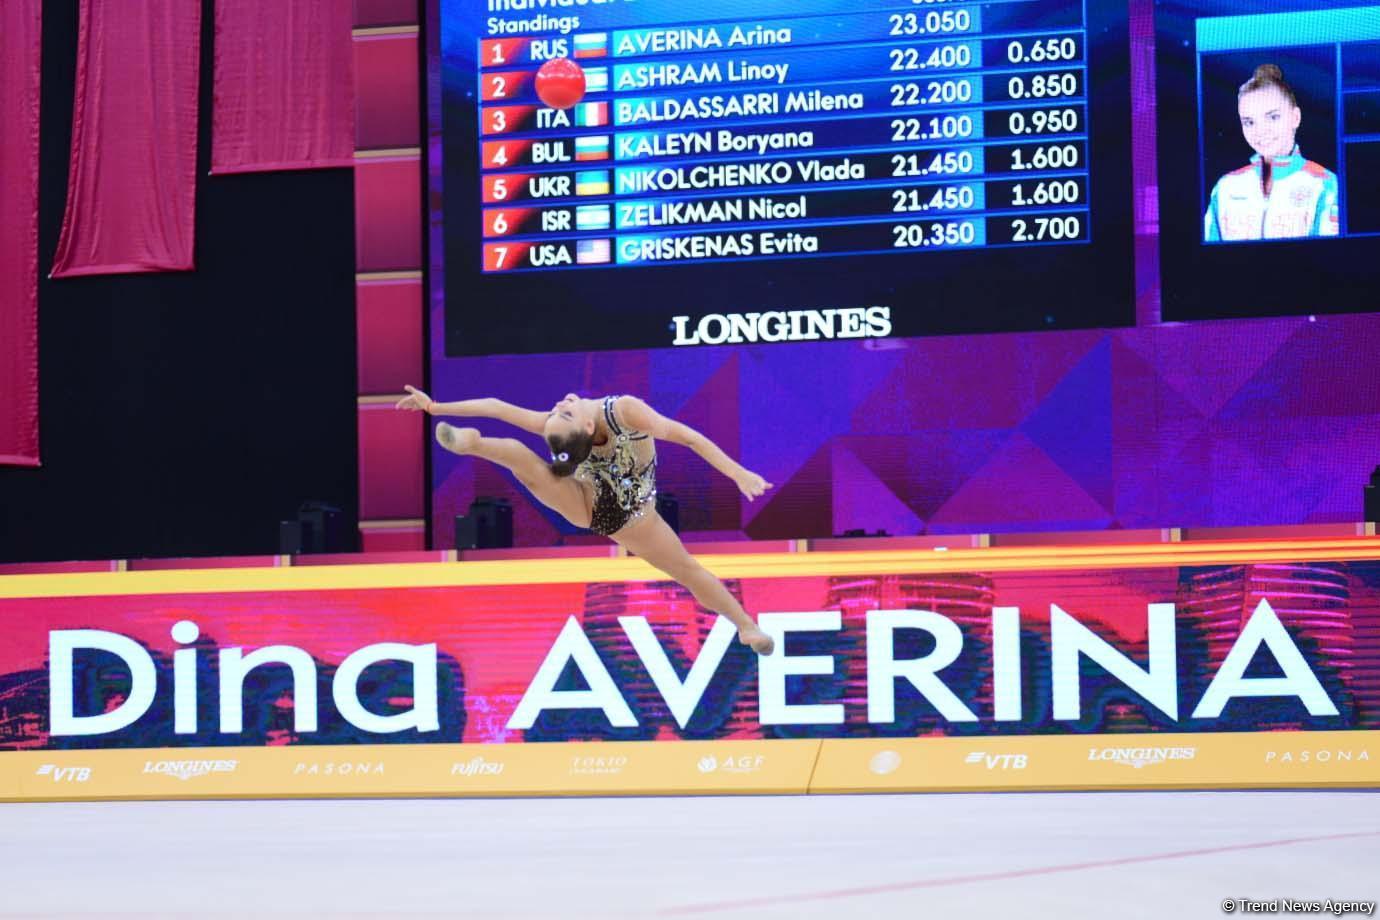 В Баку стартовали финалы 37-го Чемпионата мира по художественной гимнастике (ФОТО) - Gallery Image